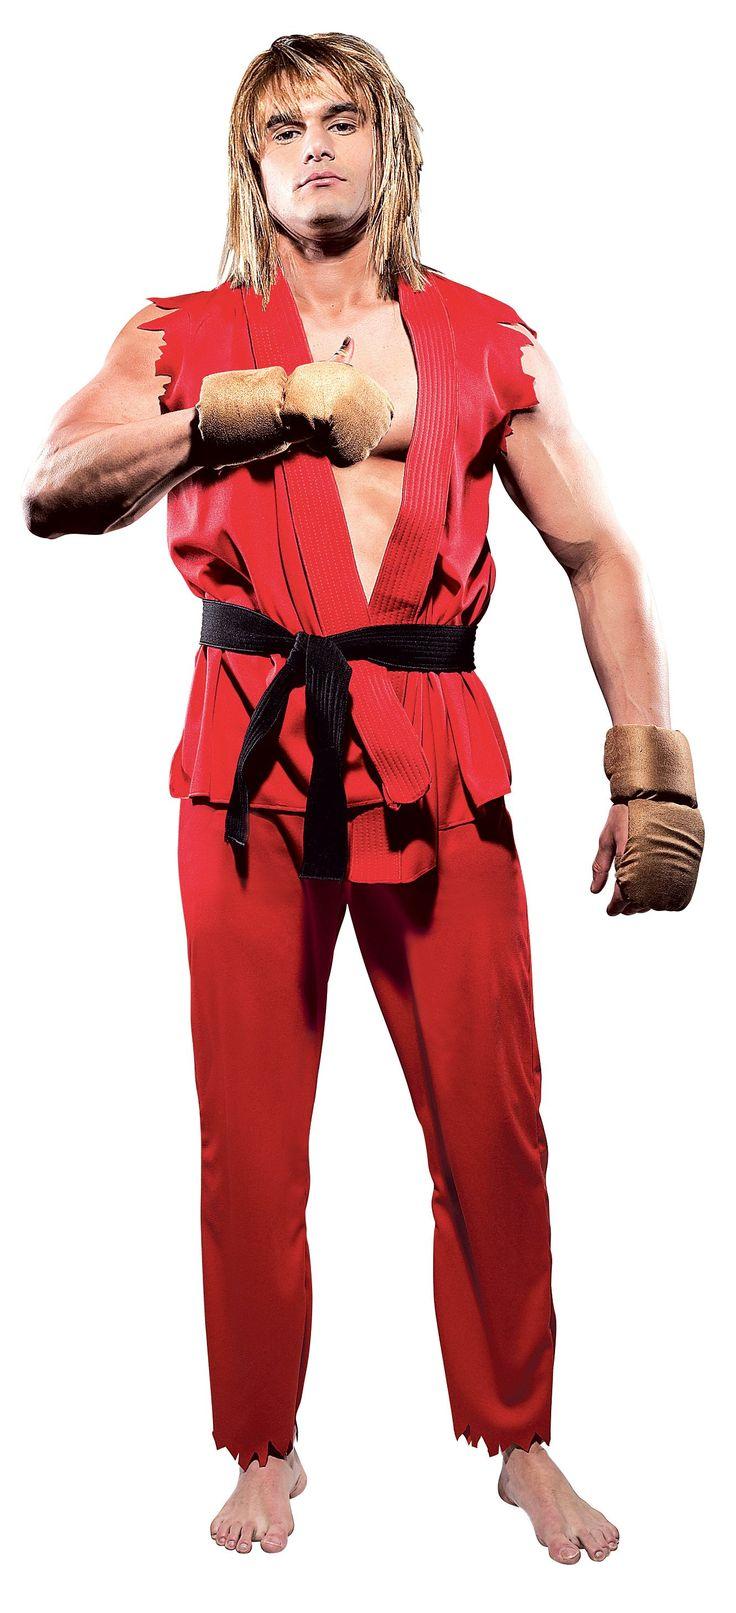 KEN (Street Fighter) Cosplay